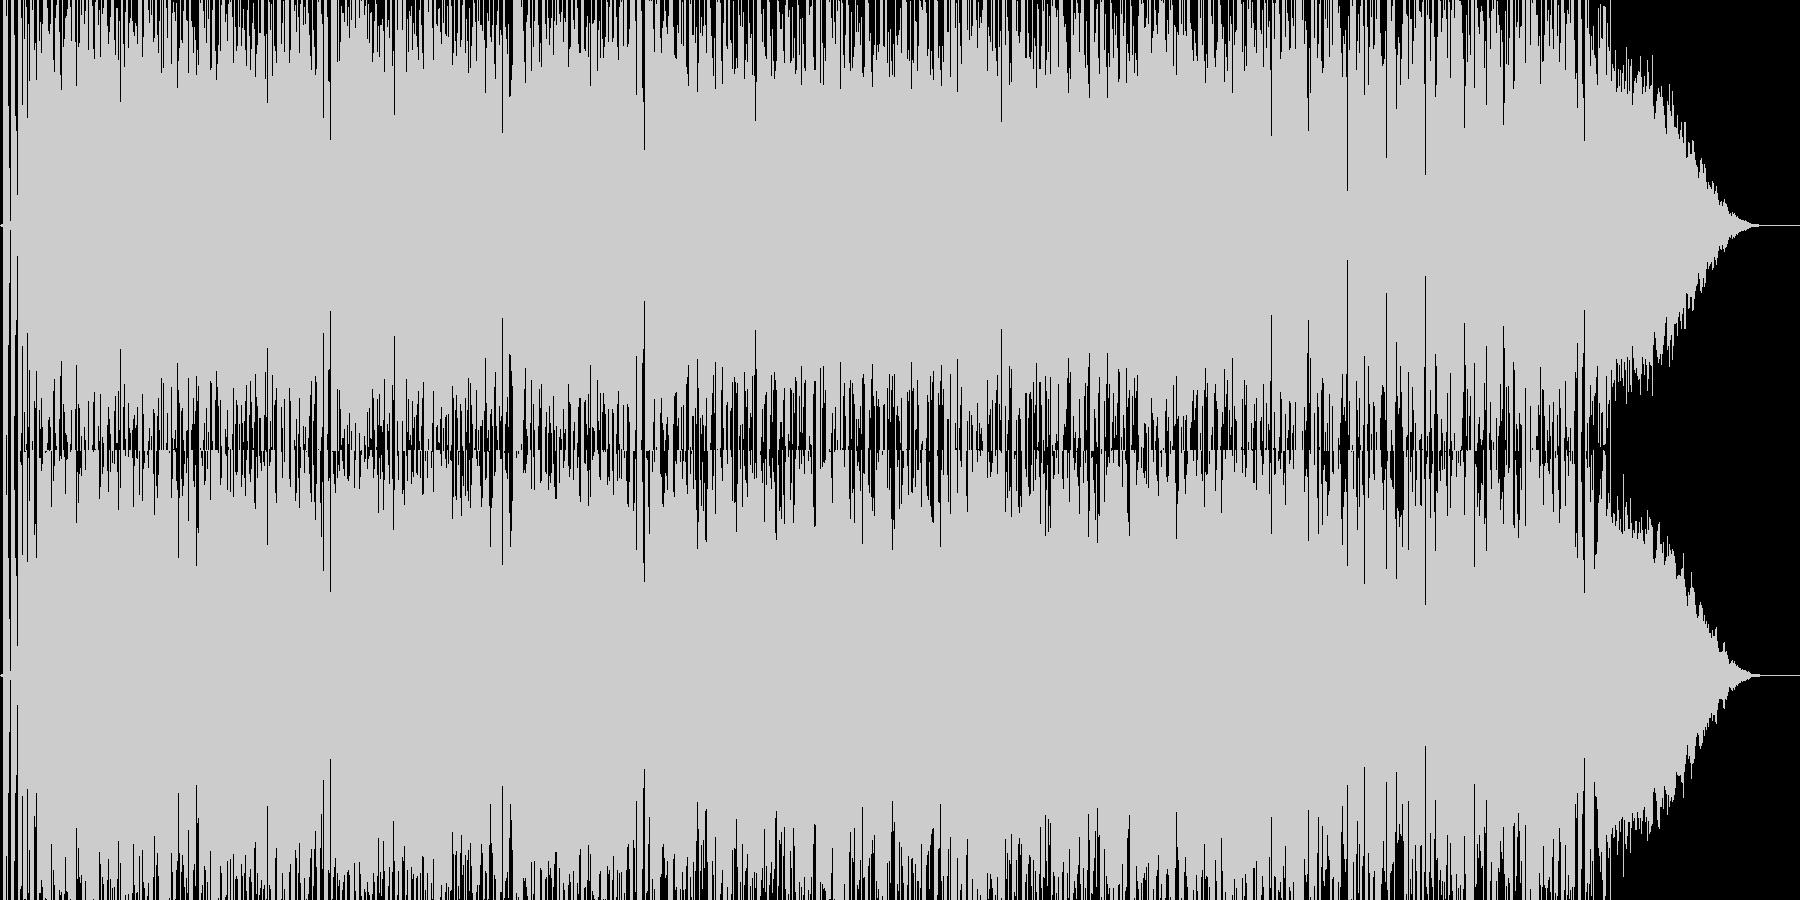 エレクトロなバトルBGMの未再生の波形